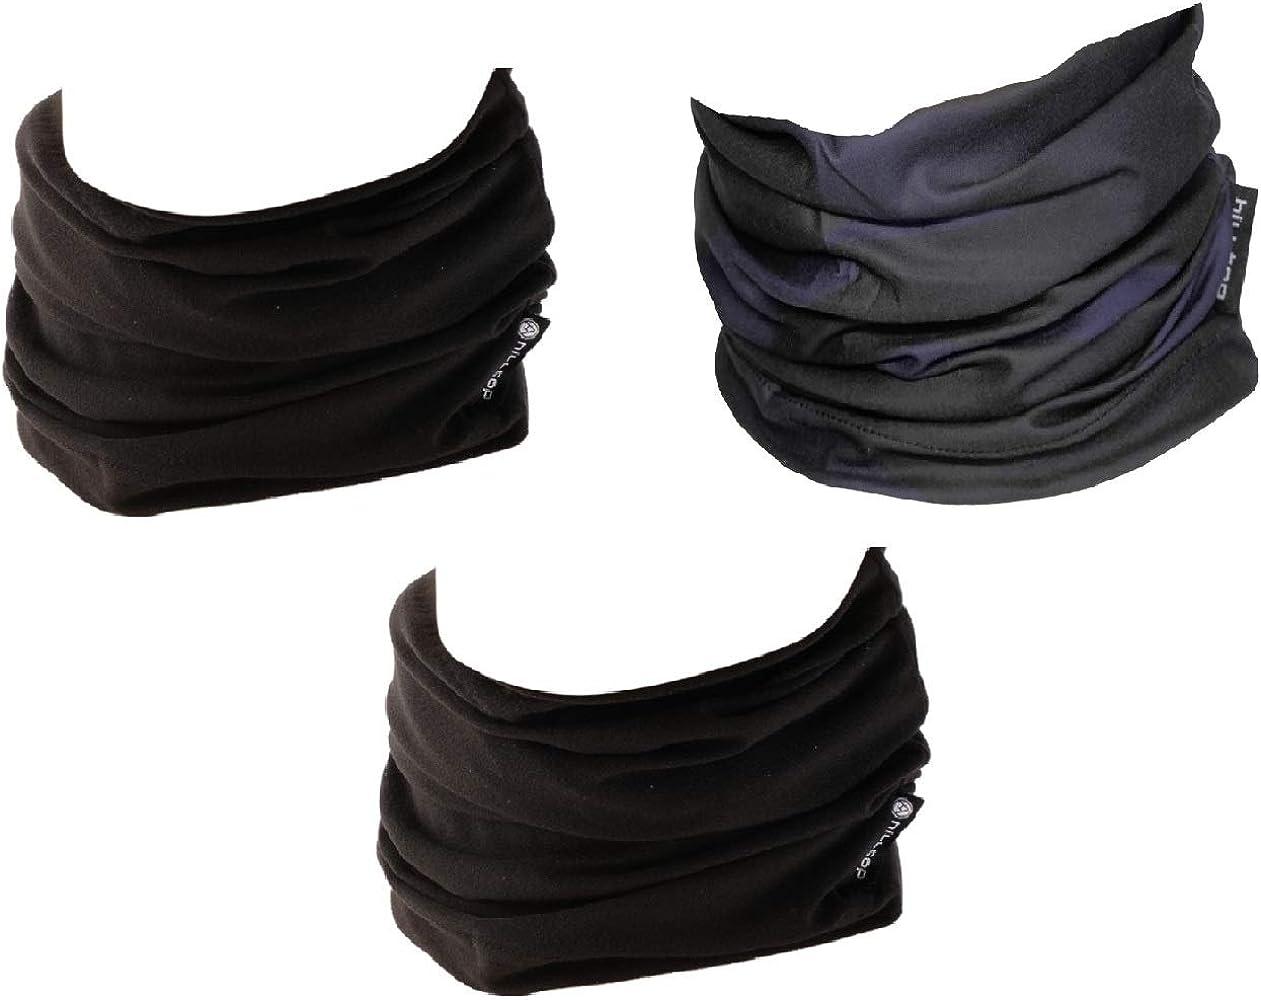 Bufanda de Tubo Cuello Deportivo Hilltop 3 x Braga de Cuello para Motociclismo Multifuncional Bandana//Conjunto de 3 piezas con Dise/ños de Moda